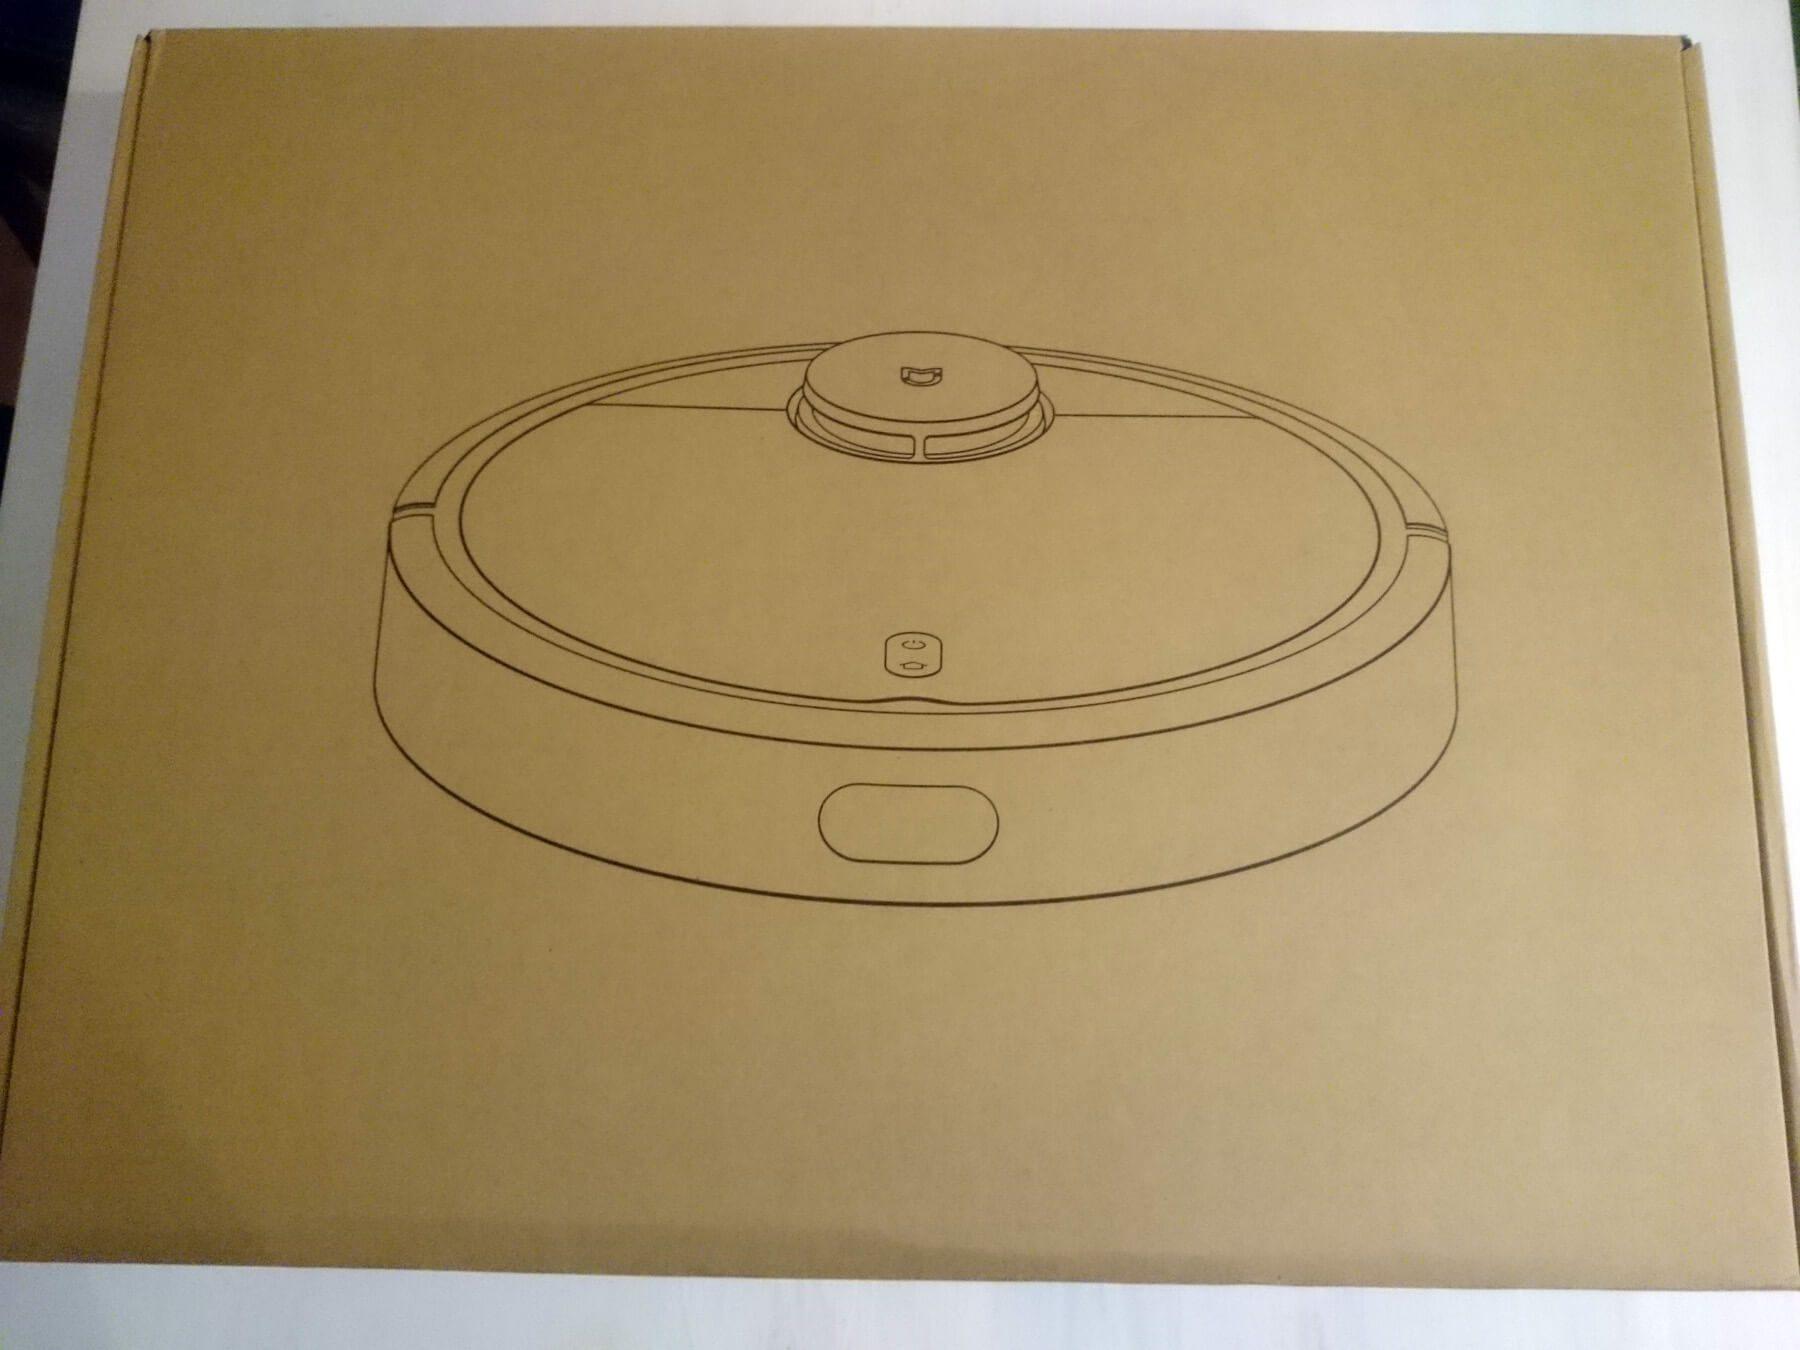 Fußboden Kaufen Xiaomi ~ Fußboden wohnung xiaomi im test xiaomi deerma sprühmopp besser